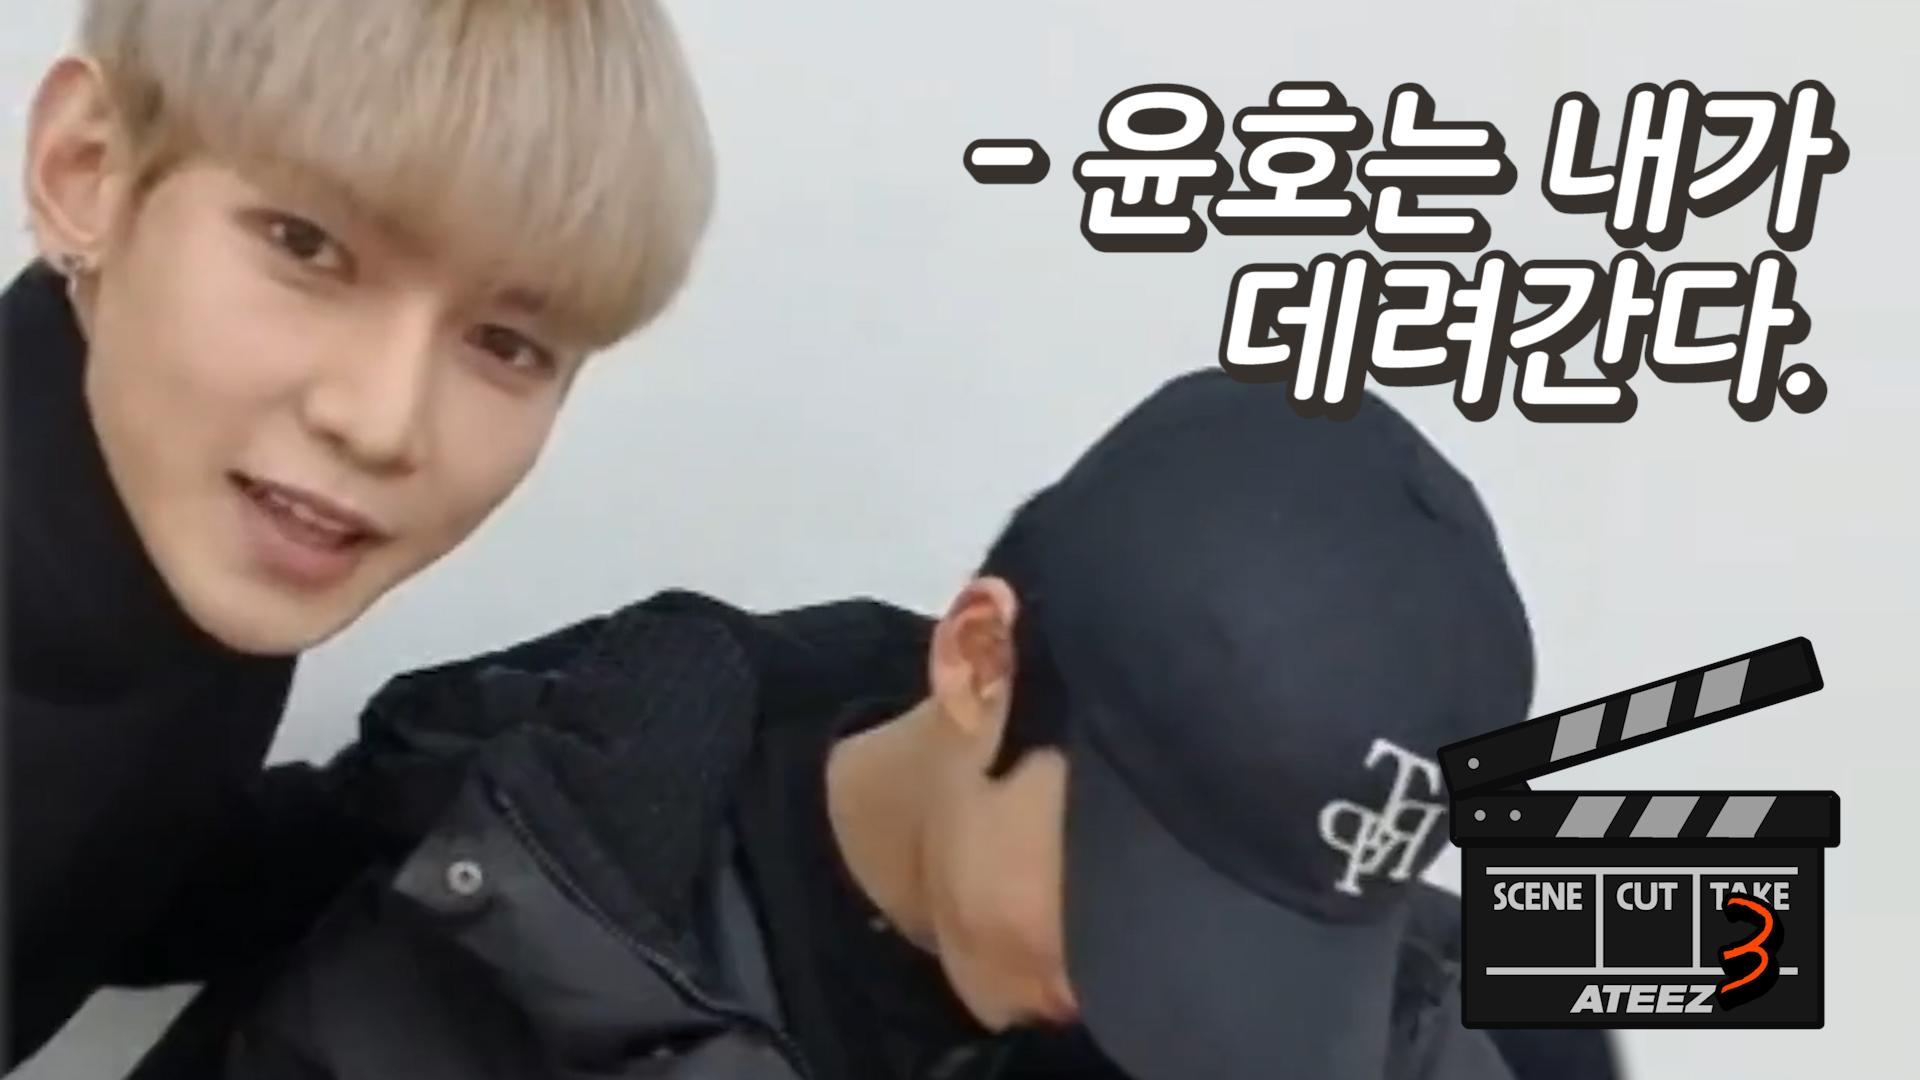 [ATEEZ] ‼️기절할 만큼 귀여운‼️ 댕댕즈의 기절 엔딩🎬🐶 (YEOSANG&YUNHO acting cutest ending)